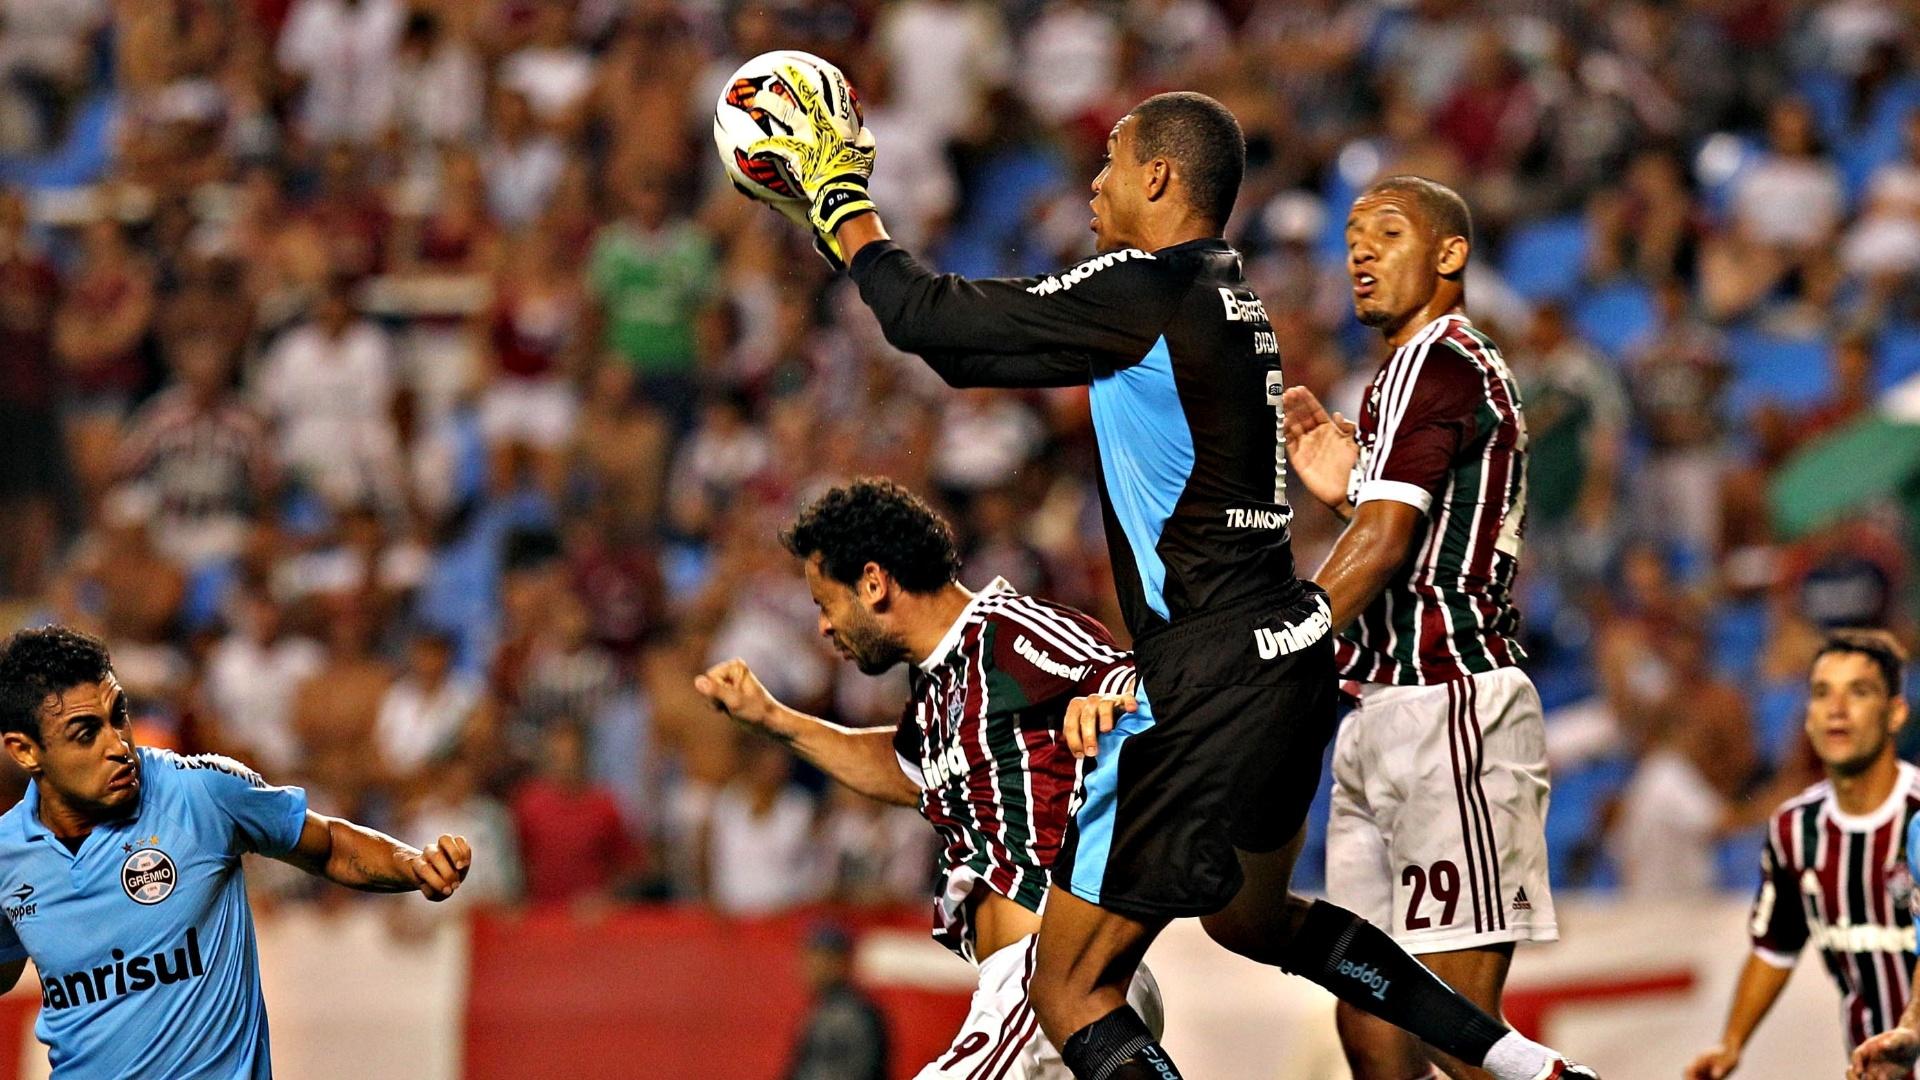 20.fev.2013 - Dida, goleiro do Grêmio, sai do gol e evita conclusão de Wellingto Nem, atacante do Fluminense